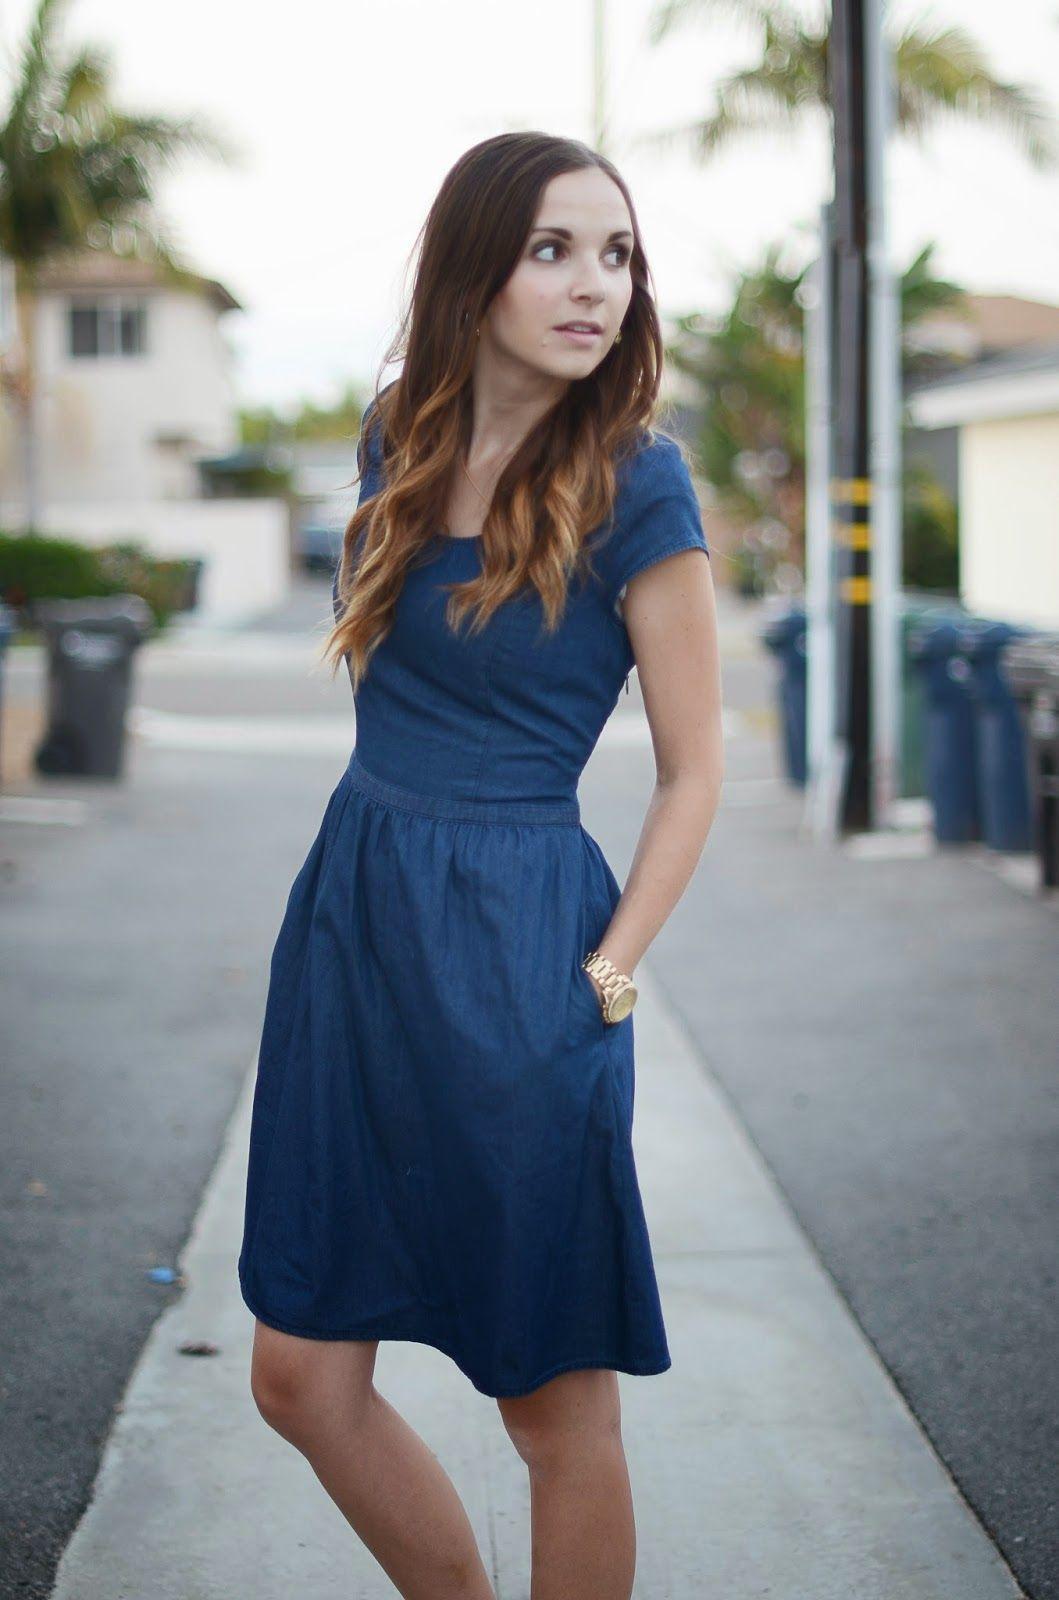 style jean dress zippers